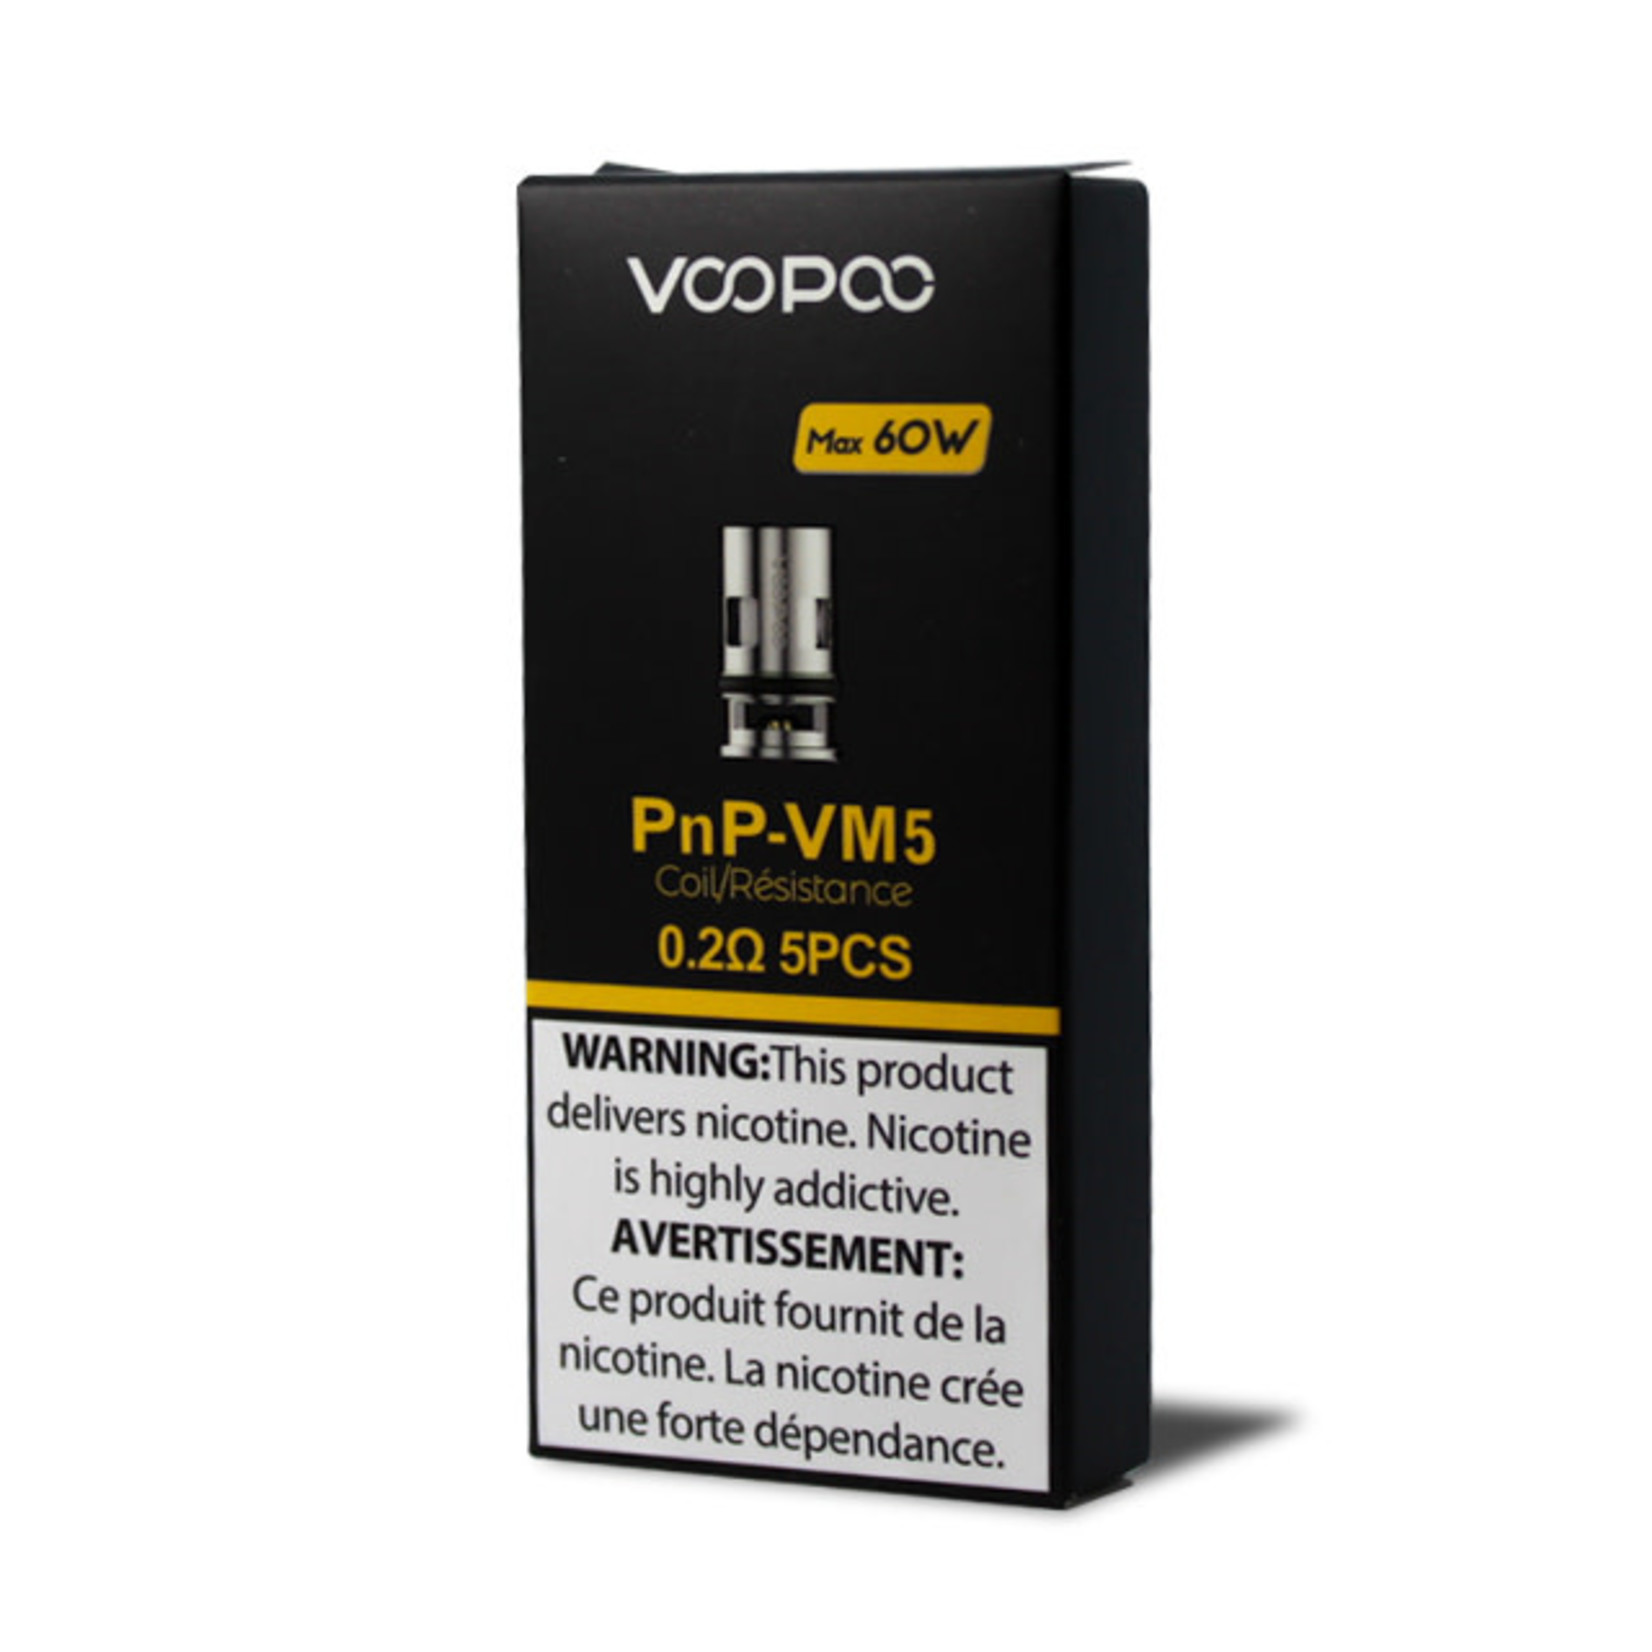 Voopoo Vinci PNP Replacement Coil VM5 0.2 ohm Pack (5pcs)